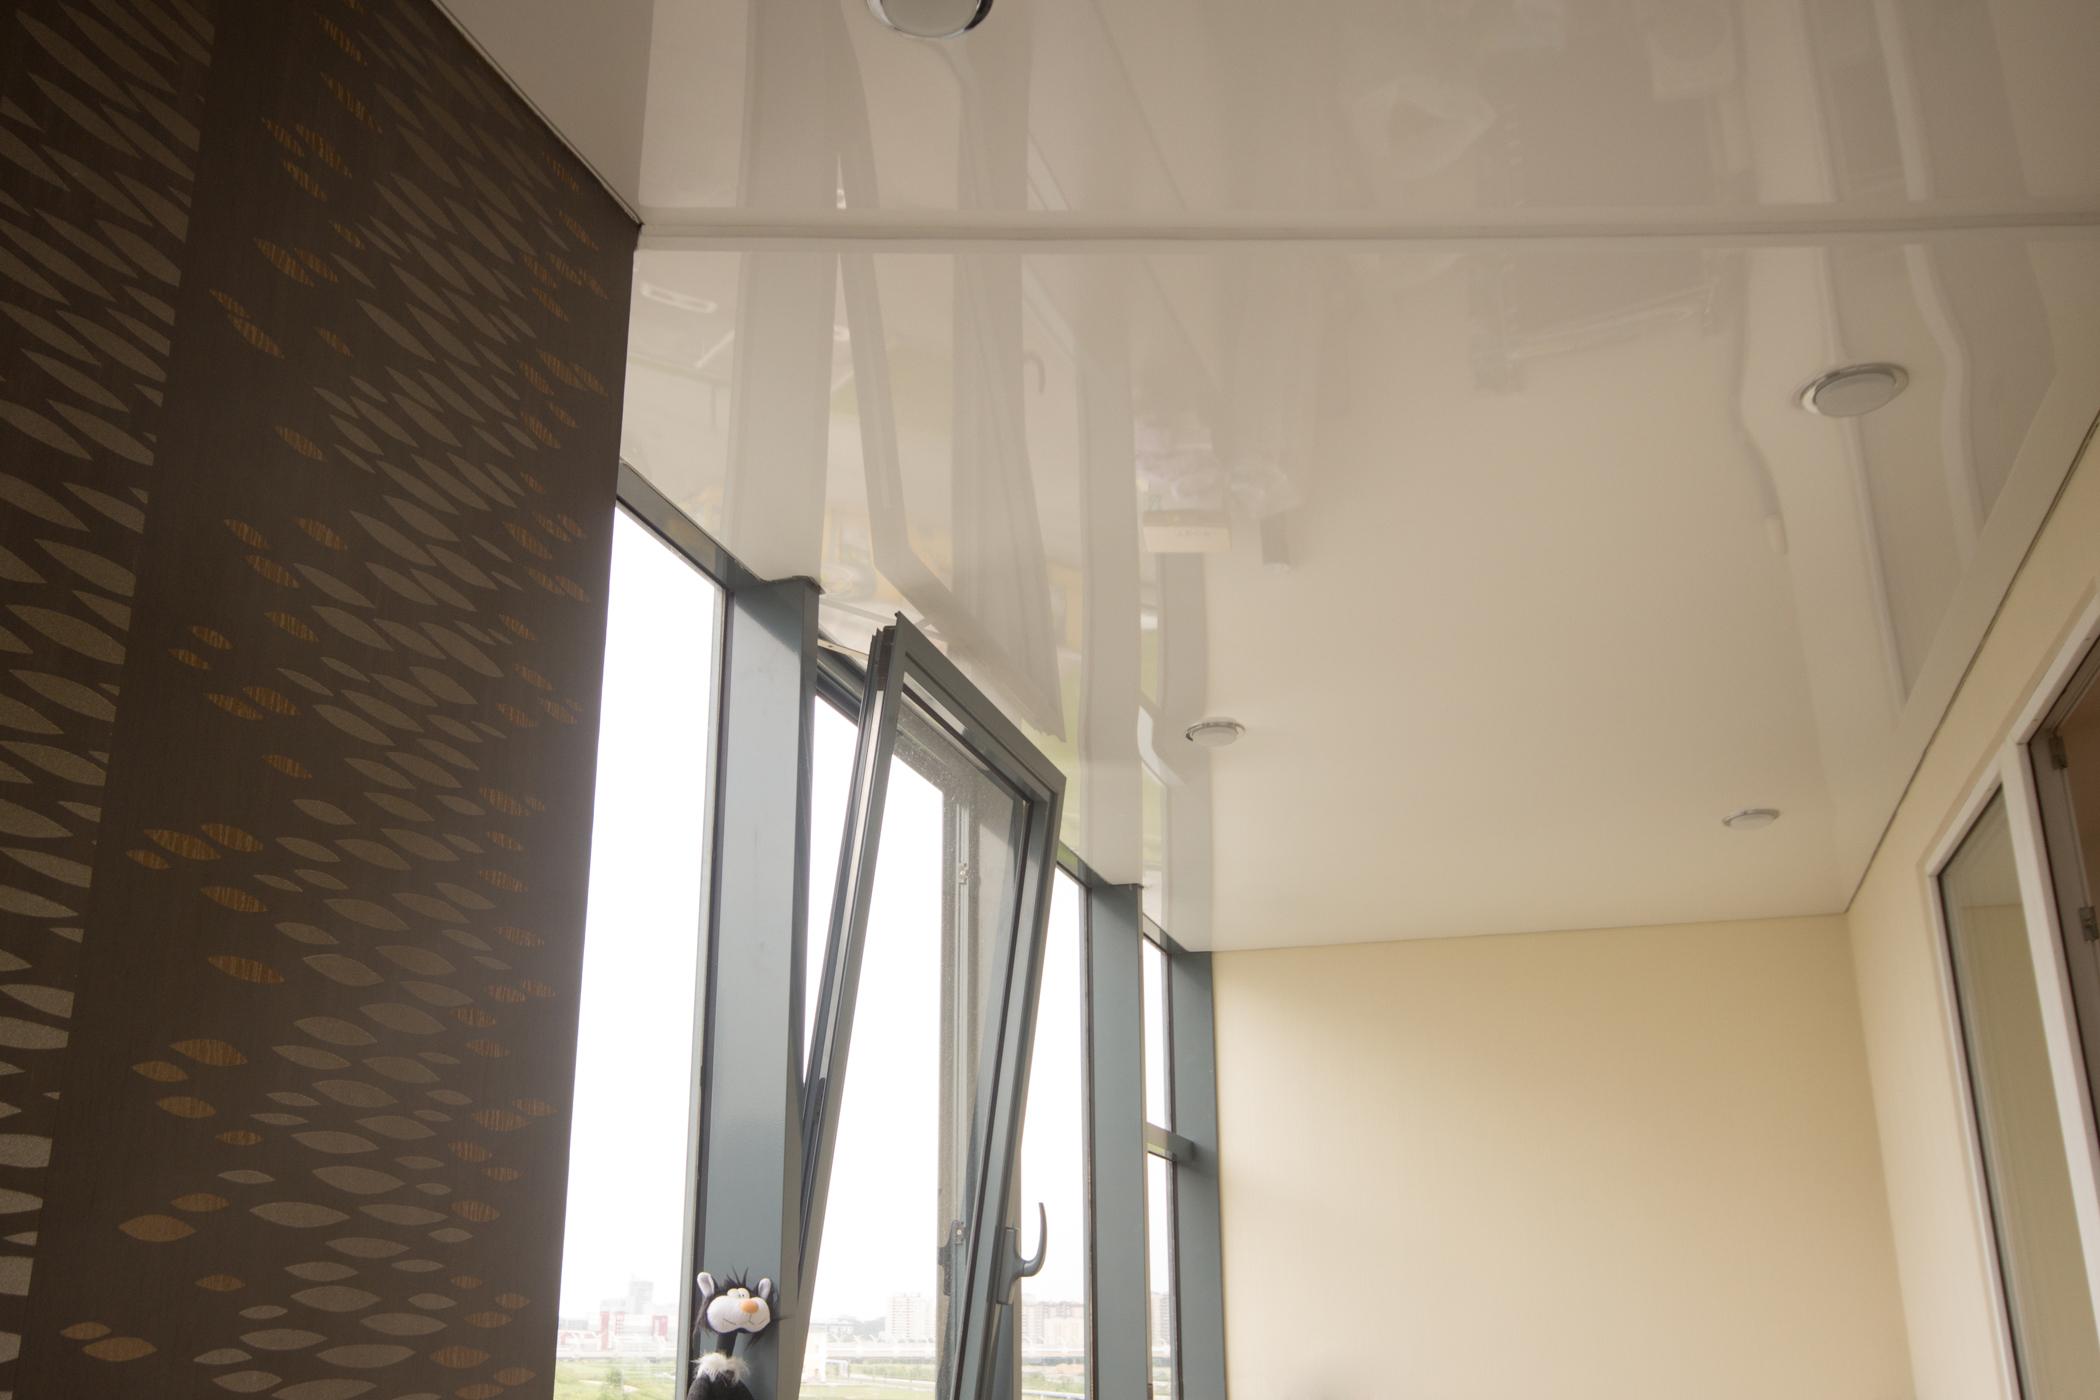 Глянцевый натяжной потолок со встроенными светильниками для утепленных лоджий